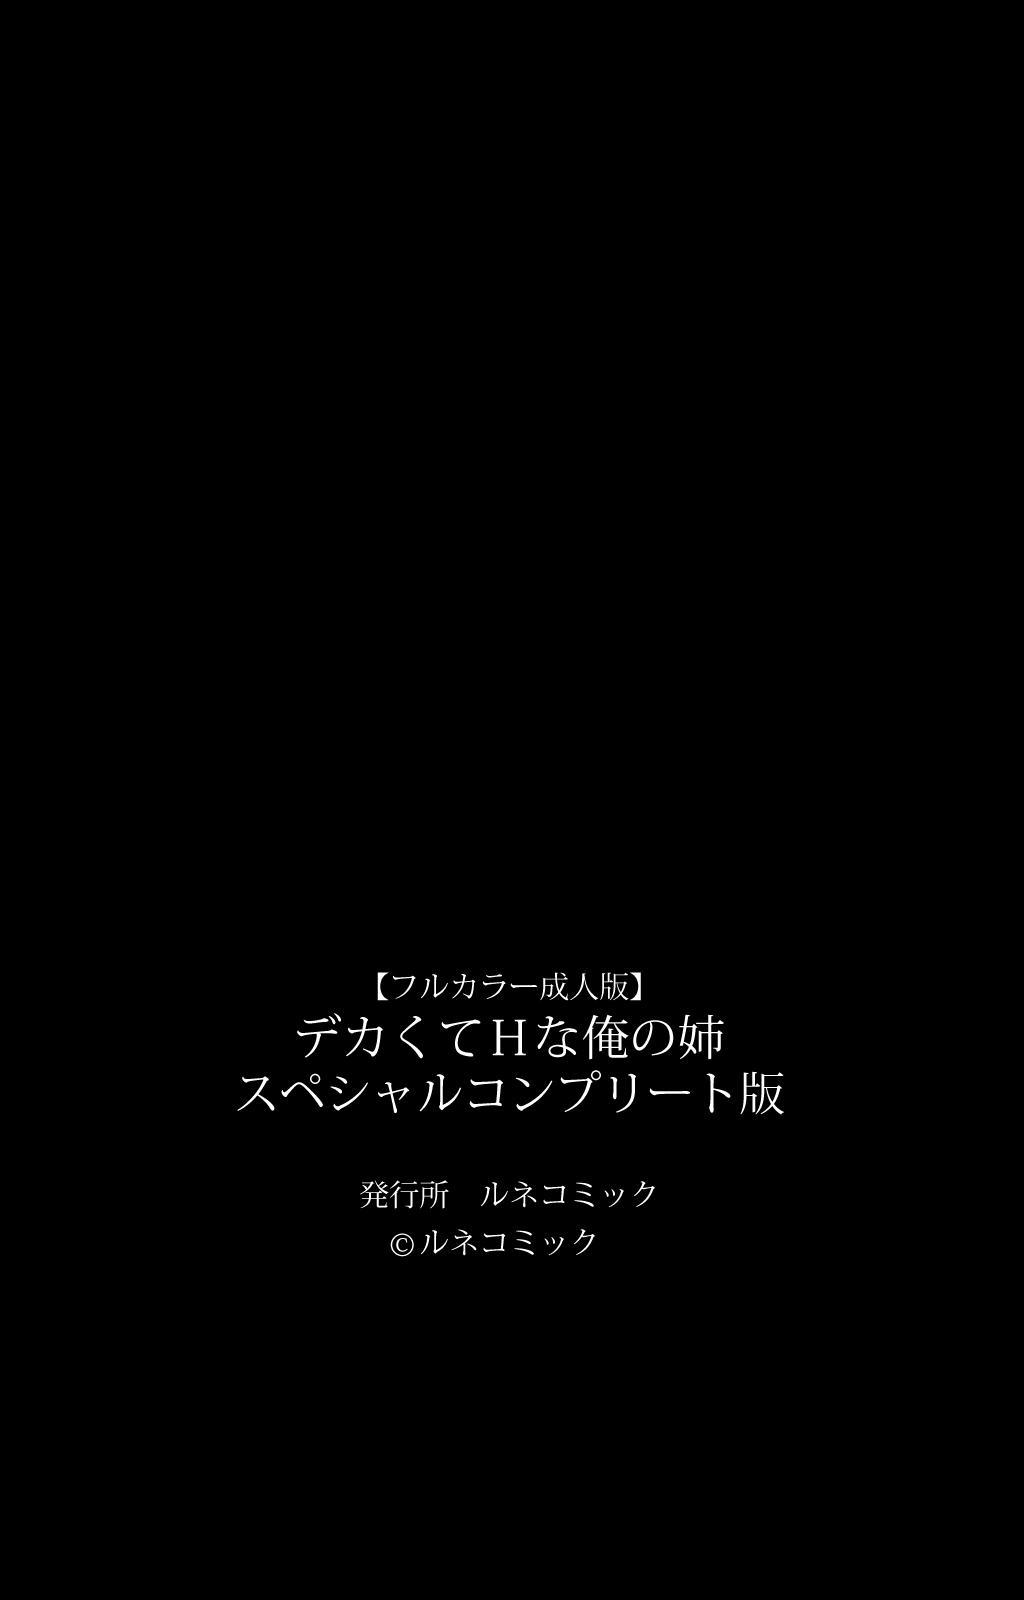 Dekakute Ecchi na Ore no Ane - Special Complete Han 120